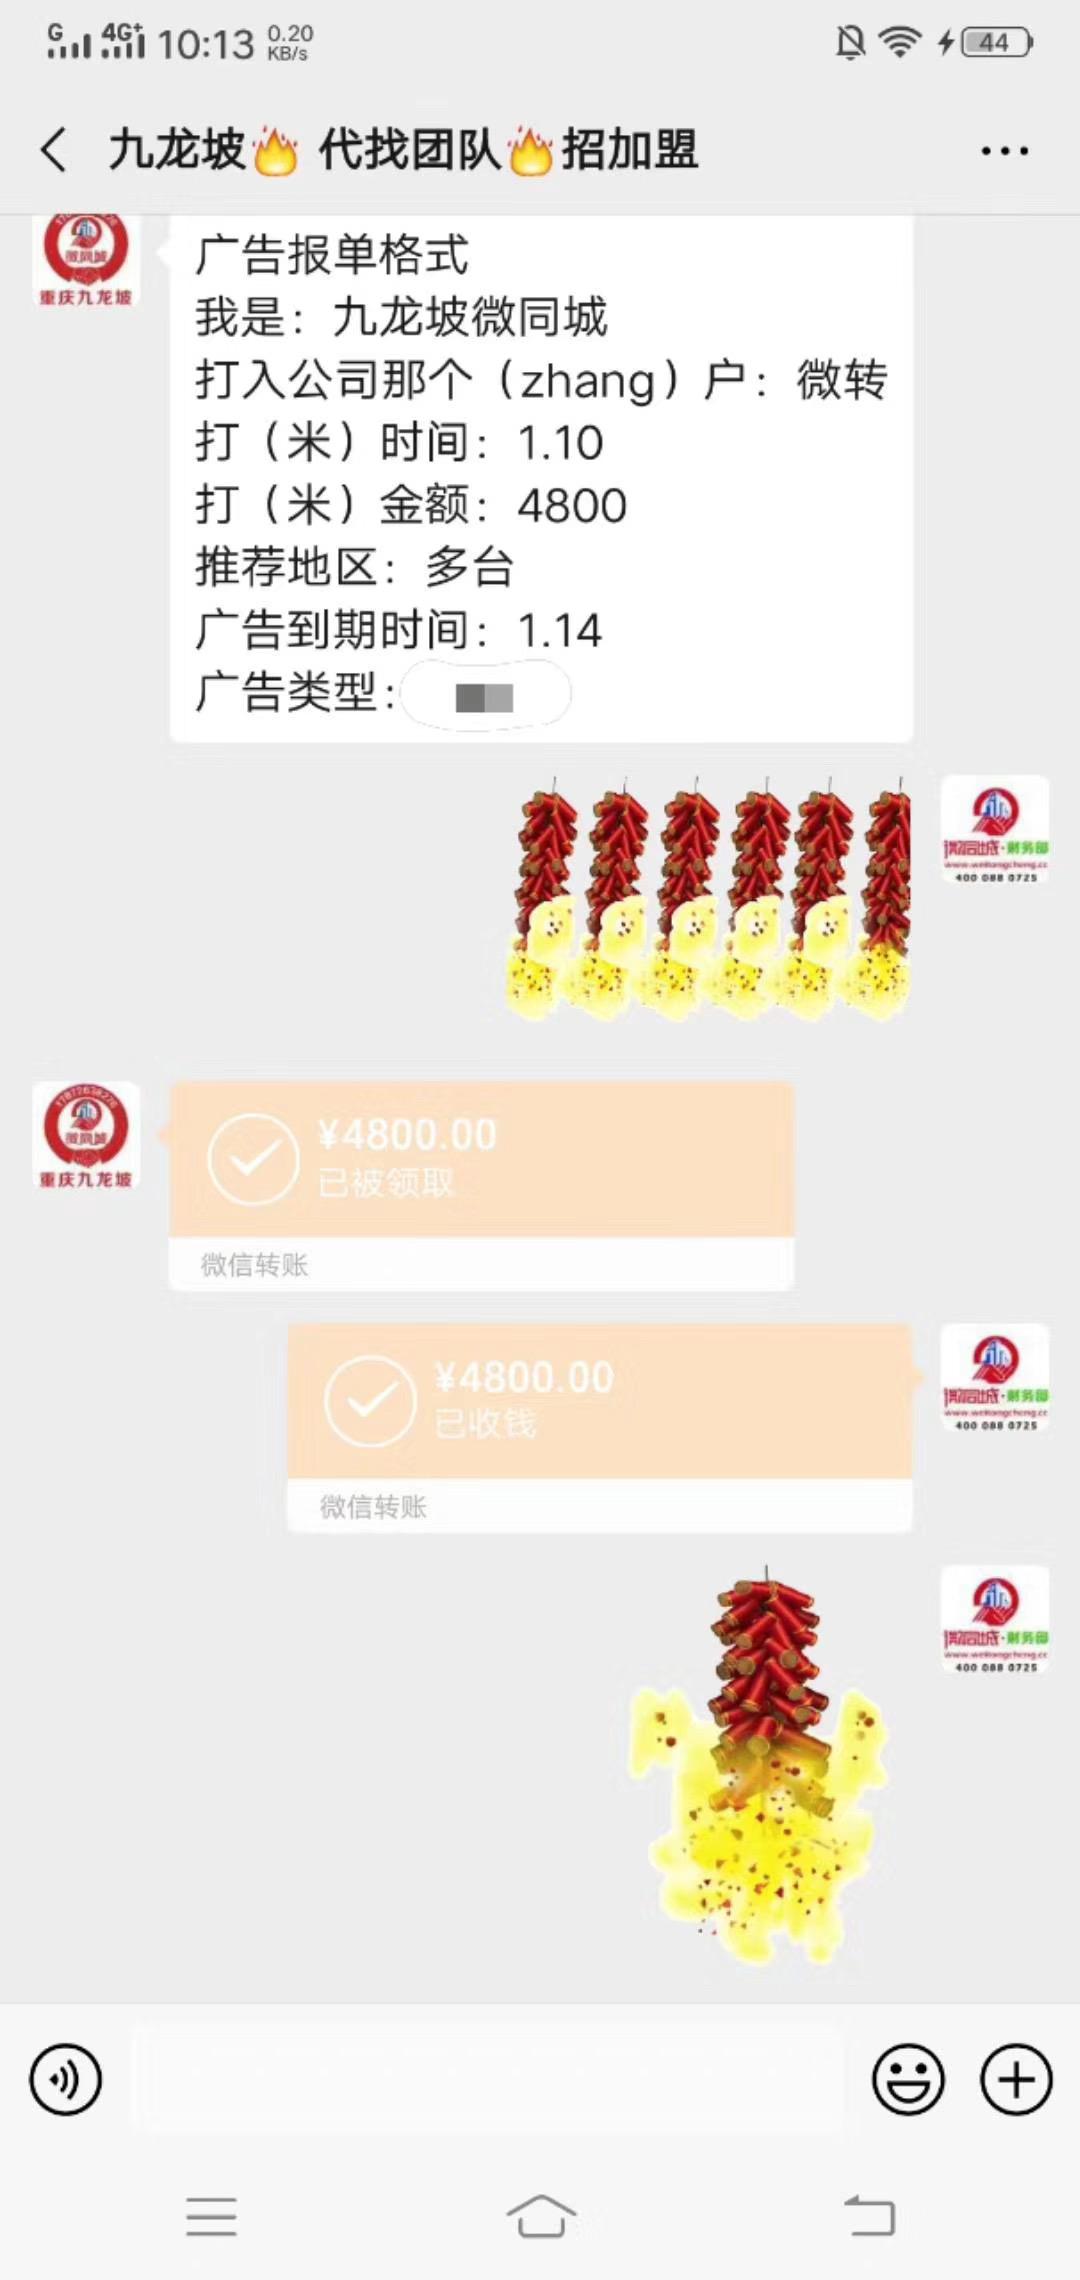 【又一商家多平台推广】祝贺重庆九龙坡微全城微帮